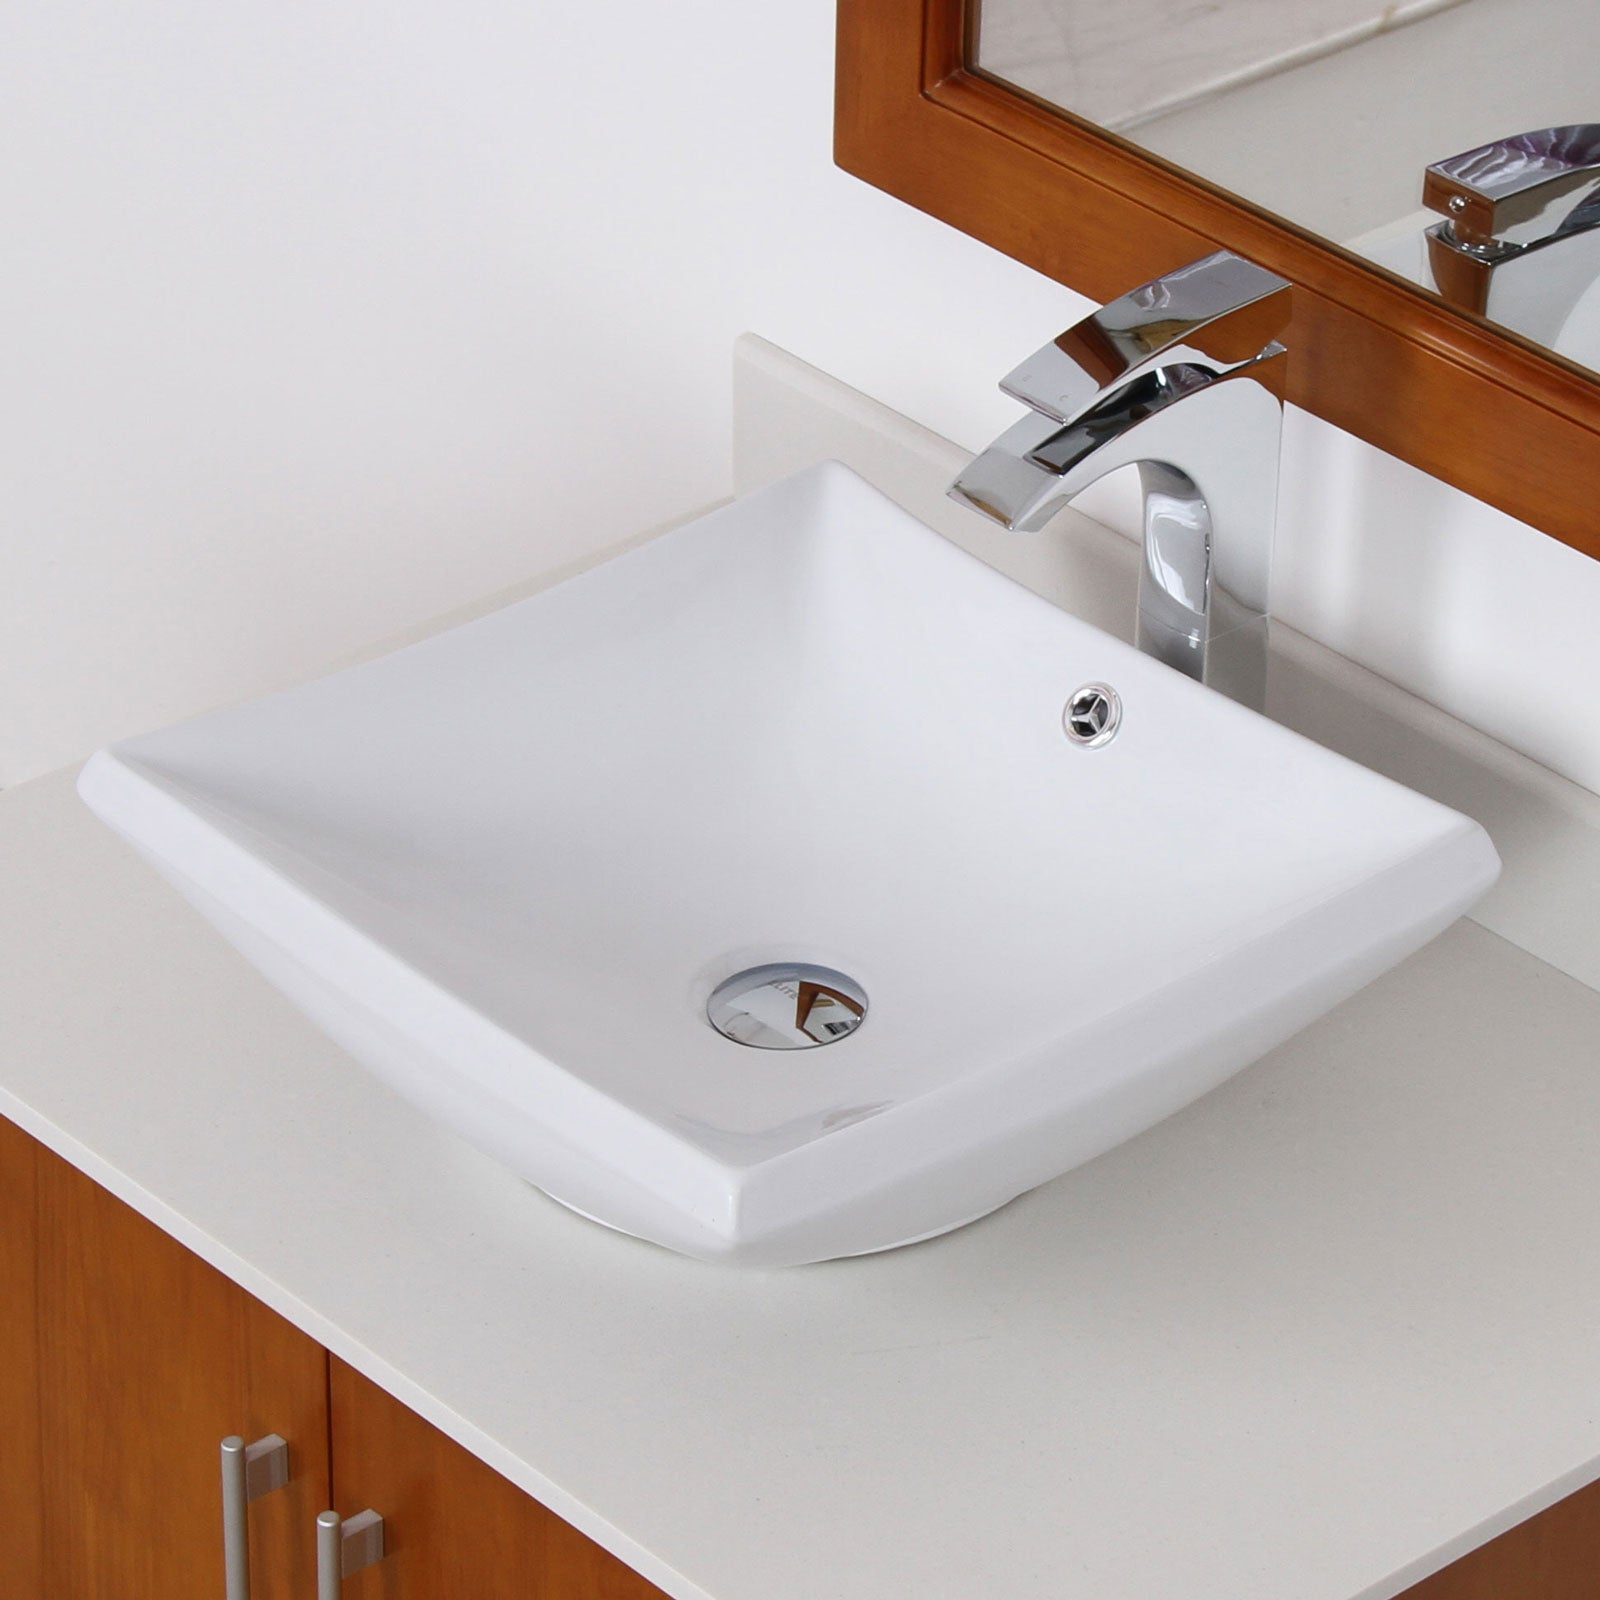 Elite Systems Grade A Ceramic Square Design Vessel Bathro...